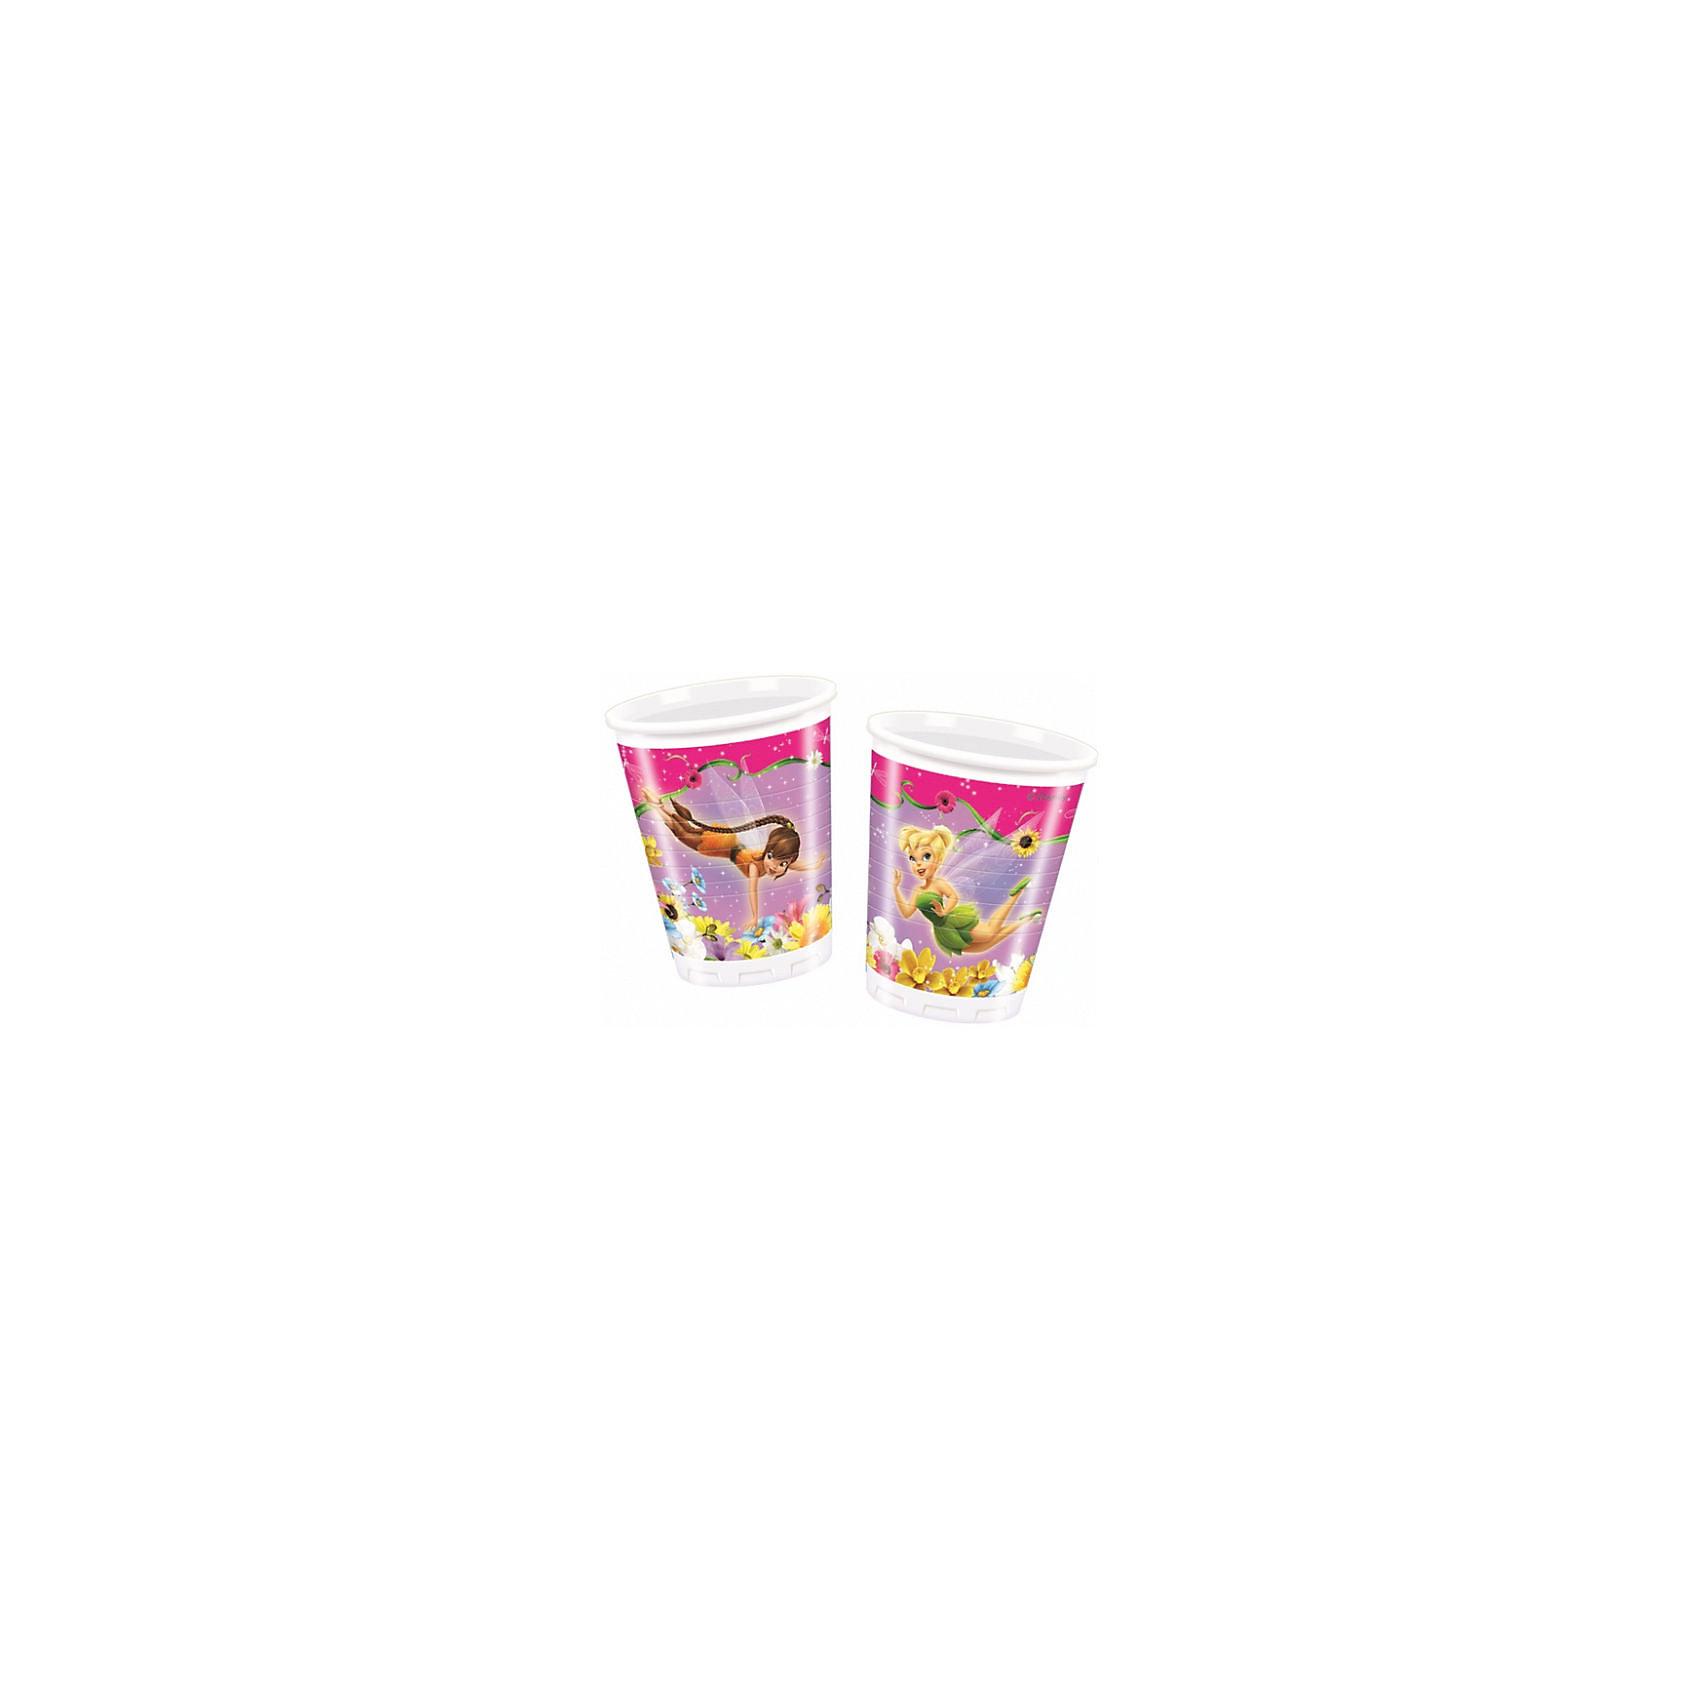 Стаканы пластиковые Долина Фей 200мл 10 штСтаканы<br>Характеристики товара:<br><br>• возраст: от 3 лет;<br>• упаковка: пакет;<br>• размер упаковки: 7х7х13 см.;<br>• количество стаканов: 10 шт.;<br>• емкость стакана: 200 мл.;<br>• цвет: белый с рисунком;<br>• состав: пластик 100%;<br>• бренд, страна: Procos, Россия;<br>• страна-производитель: Греция<br><br>Стаканы пластиковые «Долина Фей» - яркий детский набор из 10 стаканов сделает  торжество Вашего ребенка еще интересней, увлекательней и веселей. Детям очень важна атмосфера во время праздника, в том числе и оформление, дети почувствую себя как в сказке. А после торжества их можно выбросить, избавив себя от мытья посуды.<br><br>Стаканы от греческого бренда Procos, который на протяжении многих лет производит качественные товары для детского праздника, изготовлены из безопасного пластика, безвредного для детского здоровья.<br><br>Стаканы пластиковые «Долина Фей», 200 мл, 10 шт., Procos (Прокос)  можно купить в нашем интернет-магазине.<br><br>Ширина мм: 70<br>Глубина мм: 70<br>Высота мм: 135<br>Вес г: 5<br>Возраст от месяцев: 36<br>Возраст до месяцев: 120<br>Пол: Женский<br>Возраст: Детский<br>SKU: 6914345